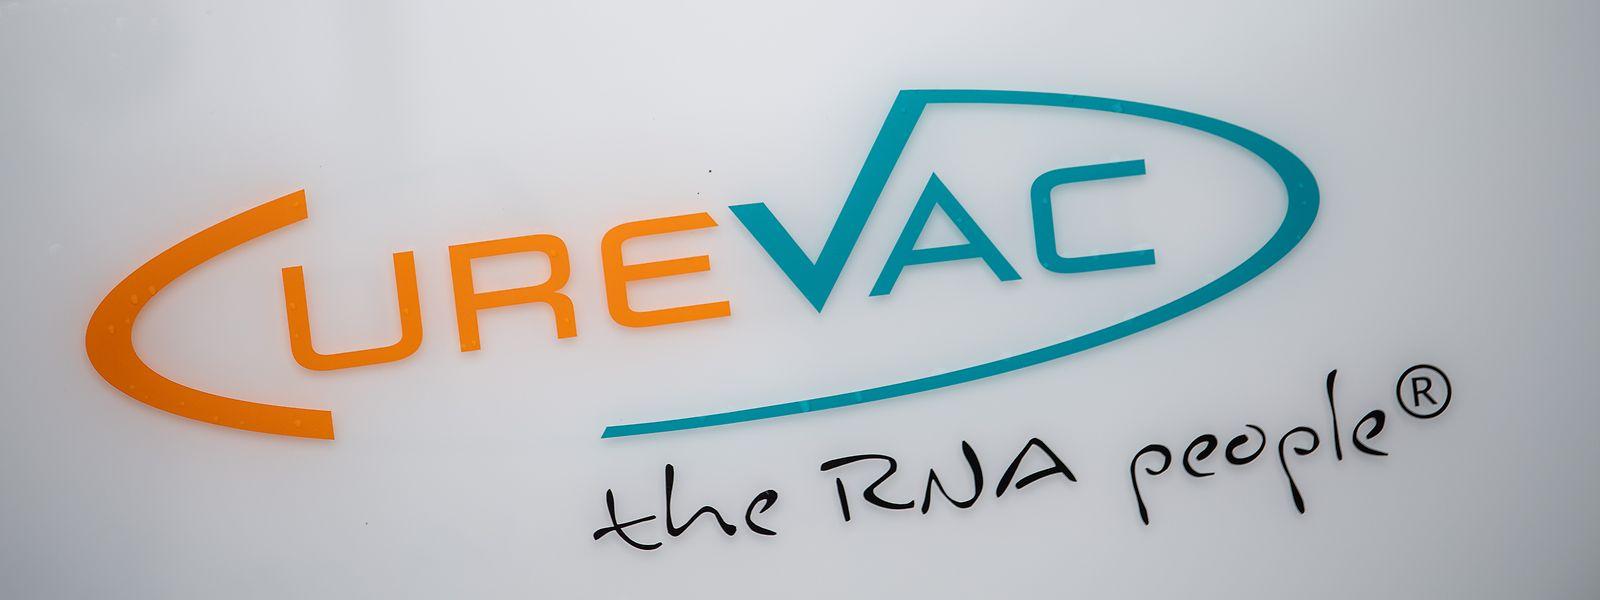 En juin 2020, le gouvernement allemand avait pris une participation de 300 millions d'euros pour acquérir 23% des parts du laboratoire, après une tentative des autorités américaines d'obtenir des droits exclusifs pour les États-Unis sur un vaccin potentiel de CureVac.